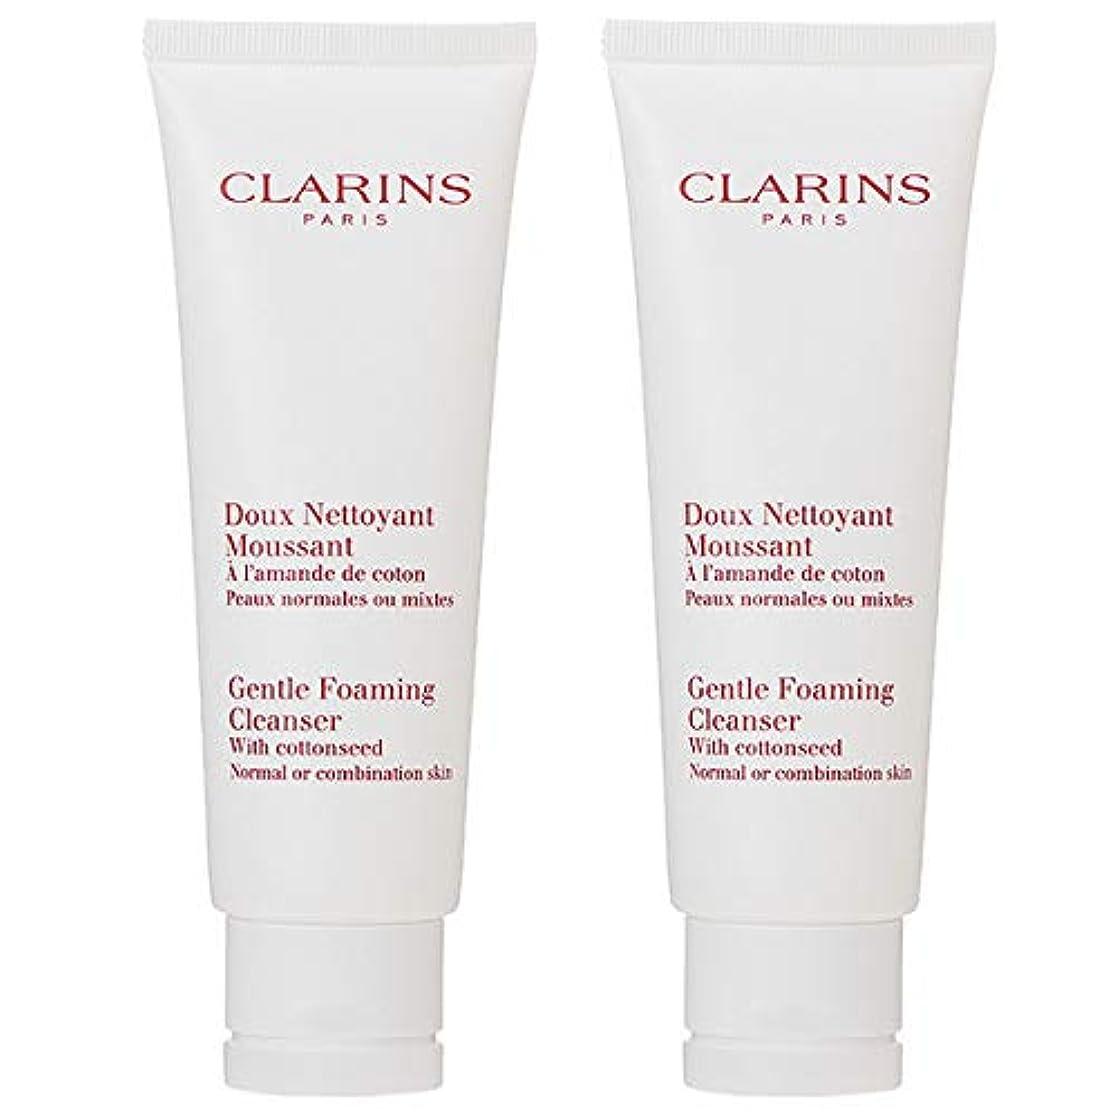 加入確保するコスト【セット】 クラランス CLARINS ジェントル フォーミング クレンザー ノーマル/コンビネーション 125mL 2本セット [並行輸入品]